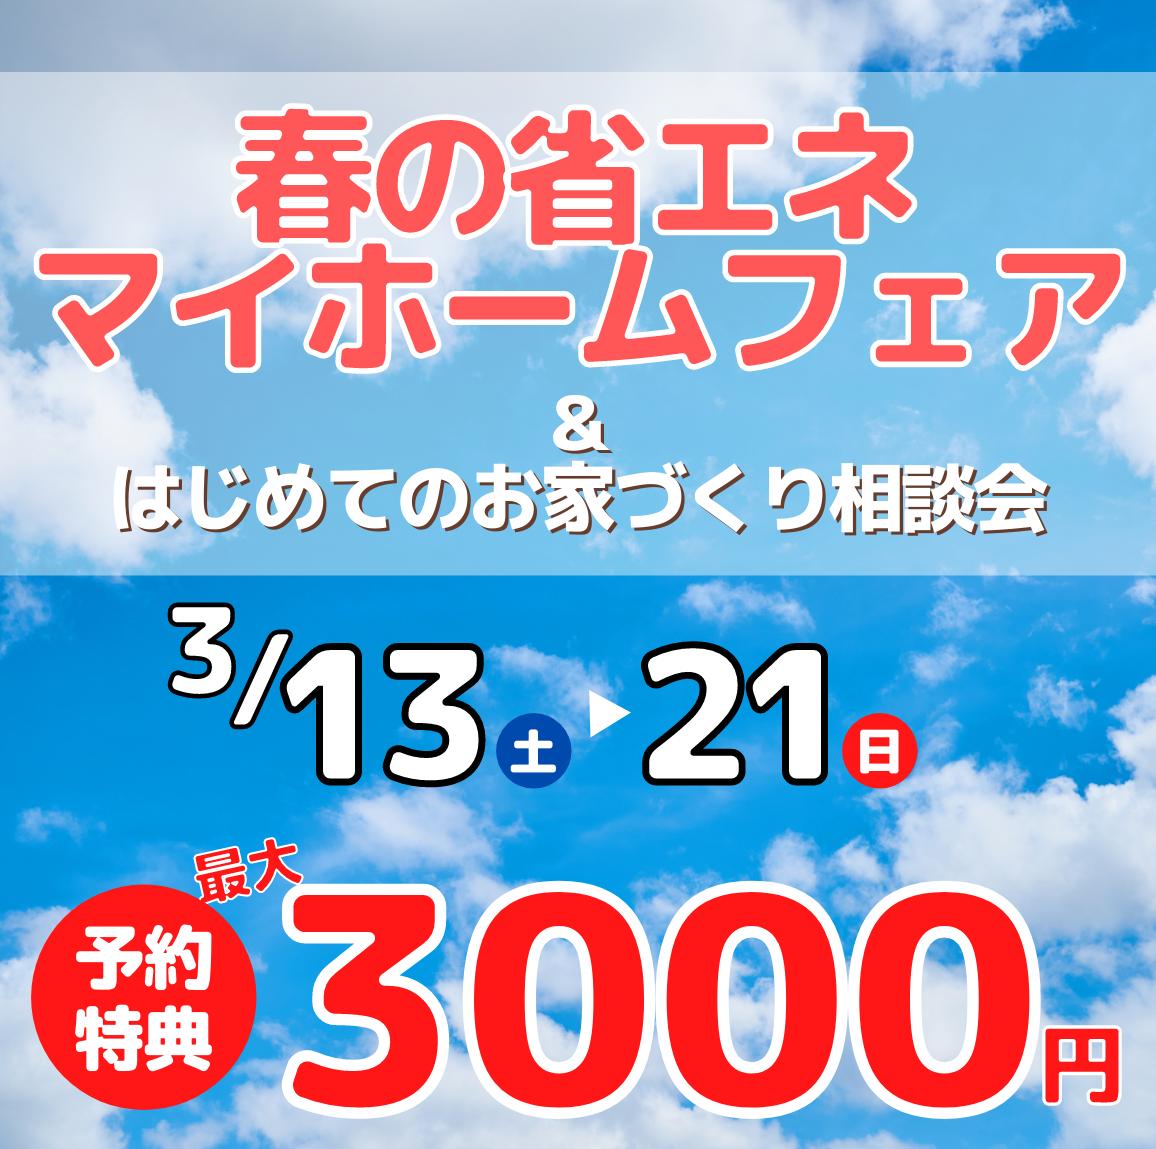 【事前来場予約特典】3月は『春の省エネ住宅フェア』!